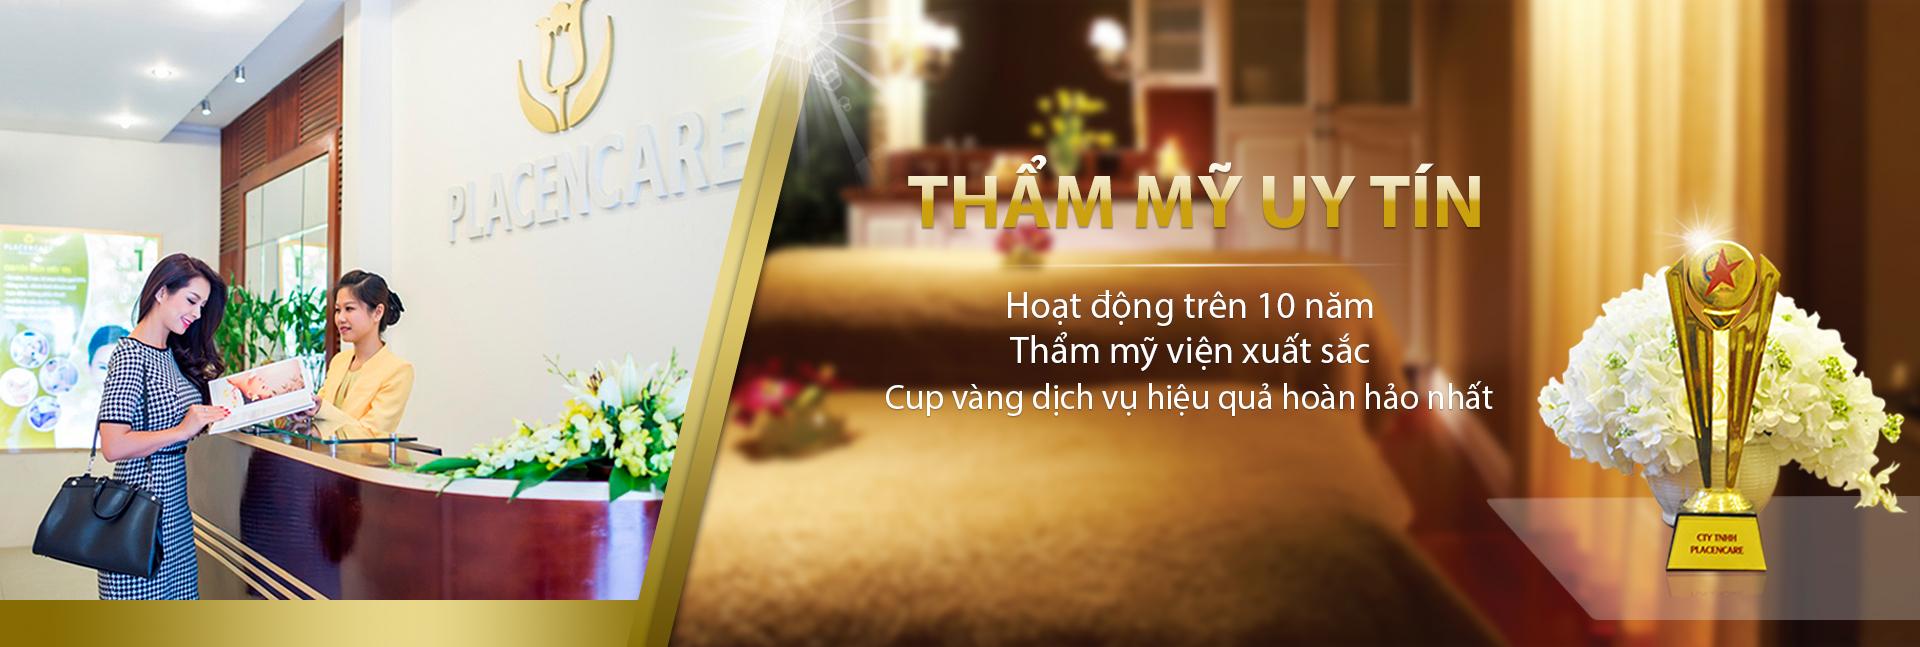 tham-my-uy-tin2